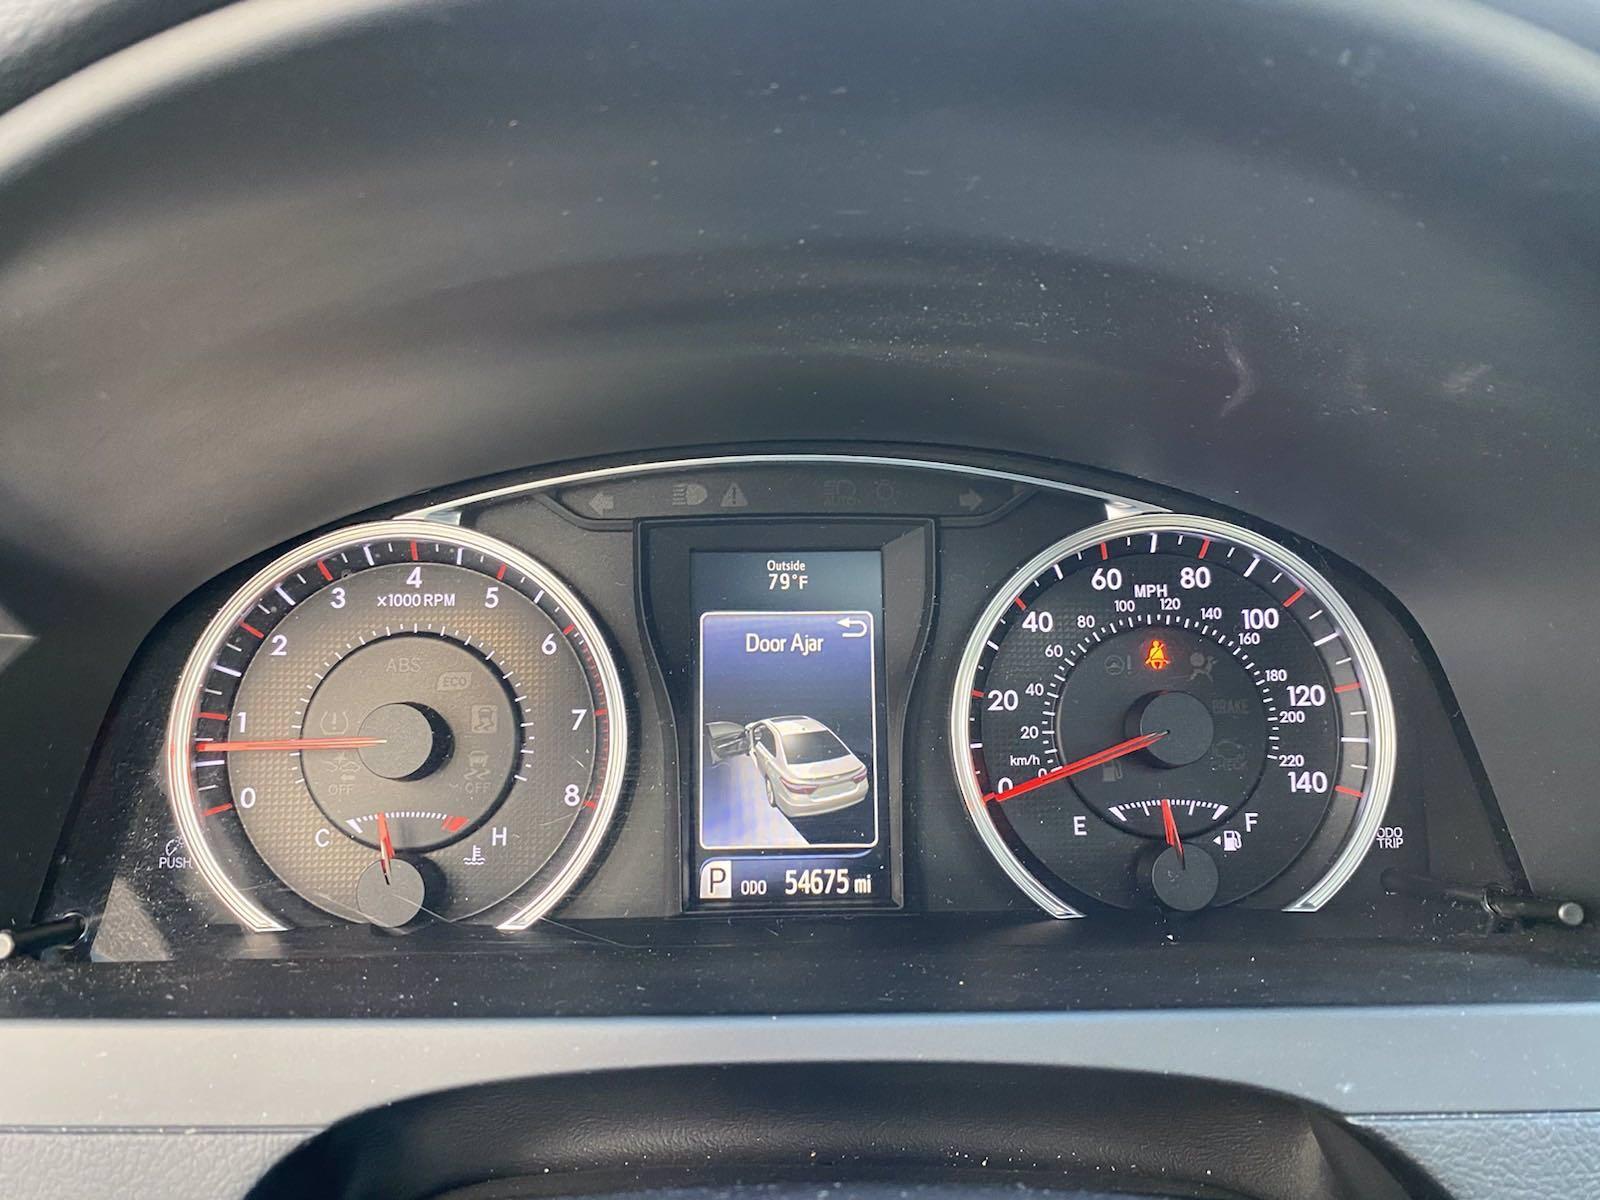 Used-2016-Toyota-Camry-XSE-(Navi,-Sunroof,Push-Start)